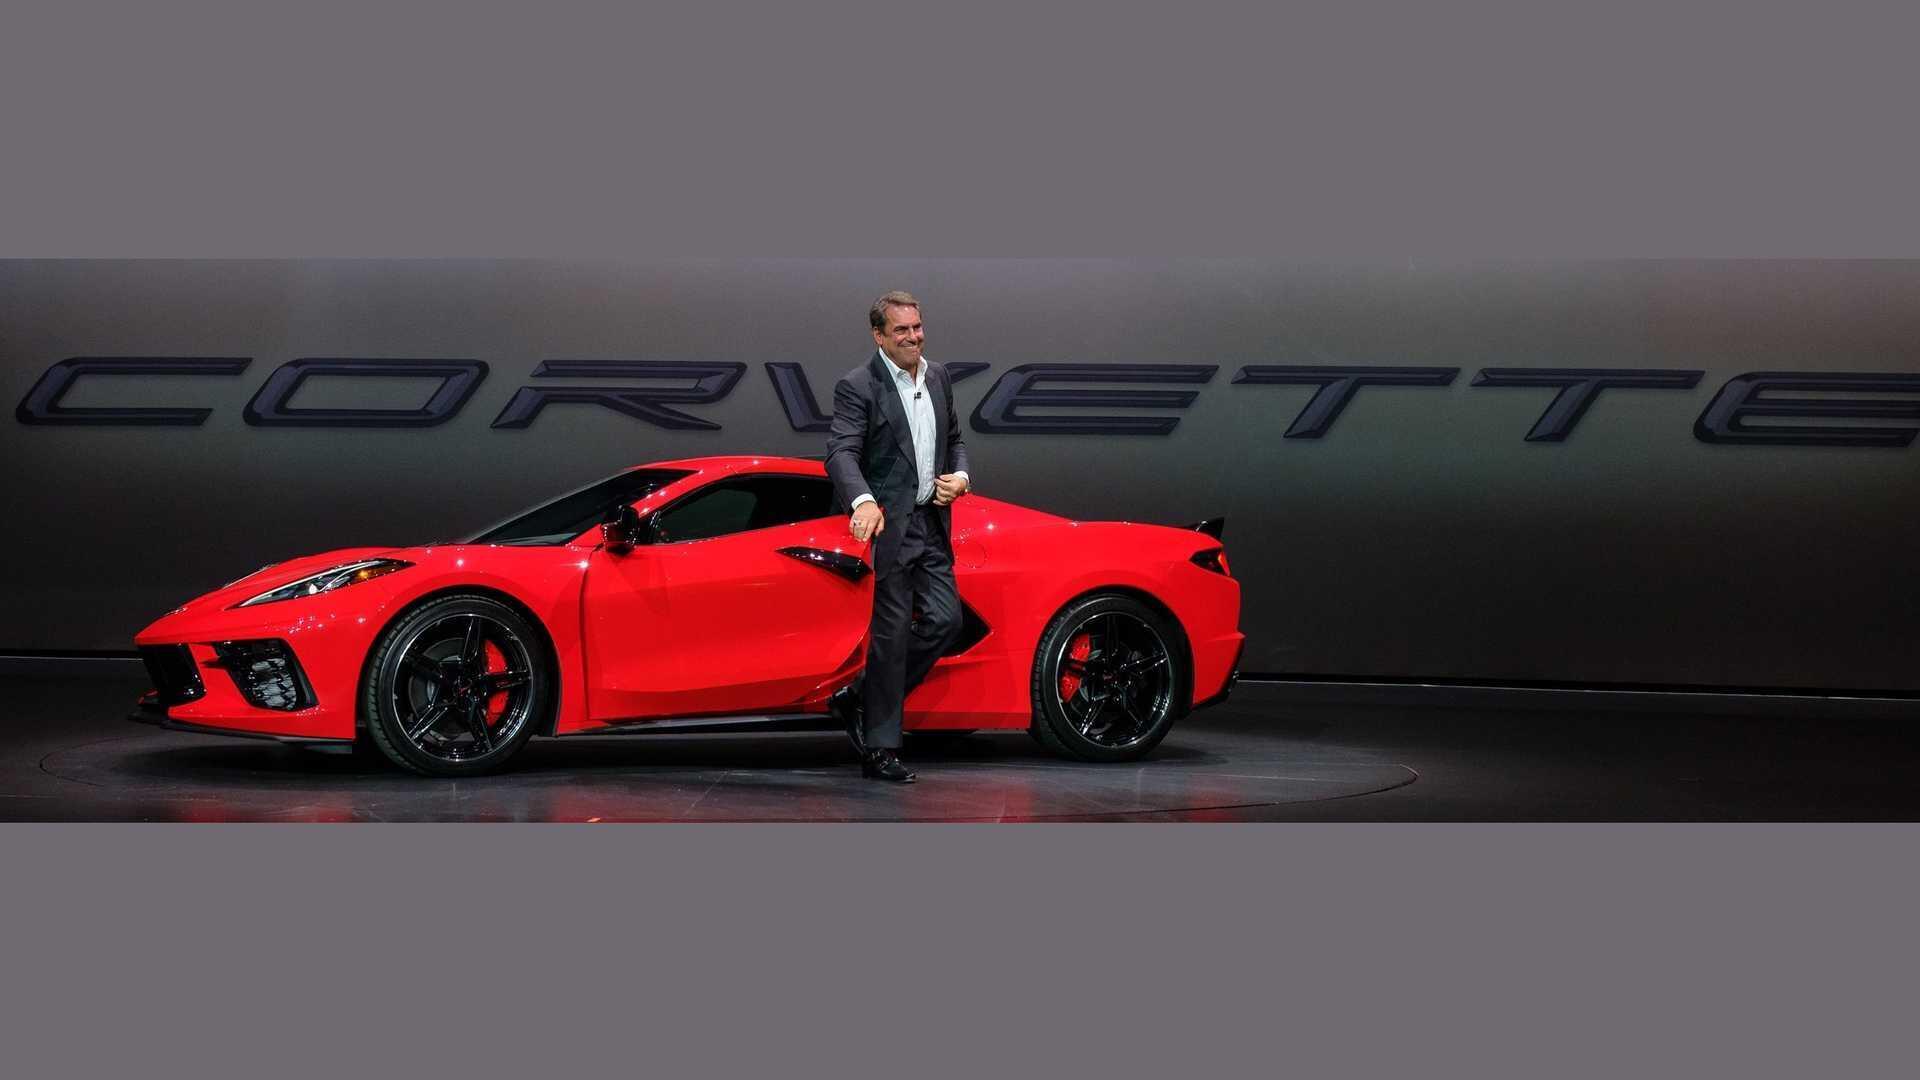 https://cdn.dailyxe.com.vn/image/chevrolet-corvette-2020-co-mot-so-tinh-nang-an-tuyet-voi-11-94515j2.jpg